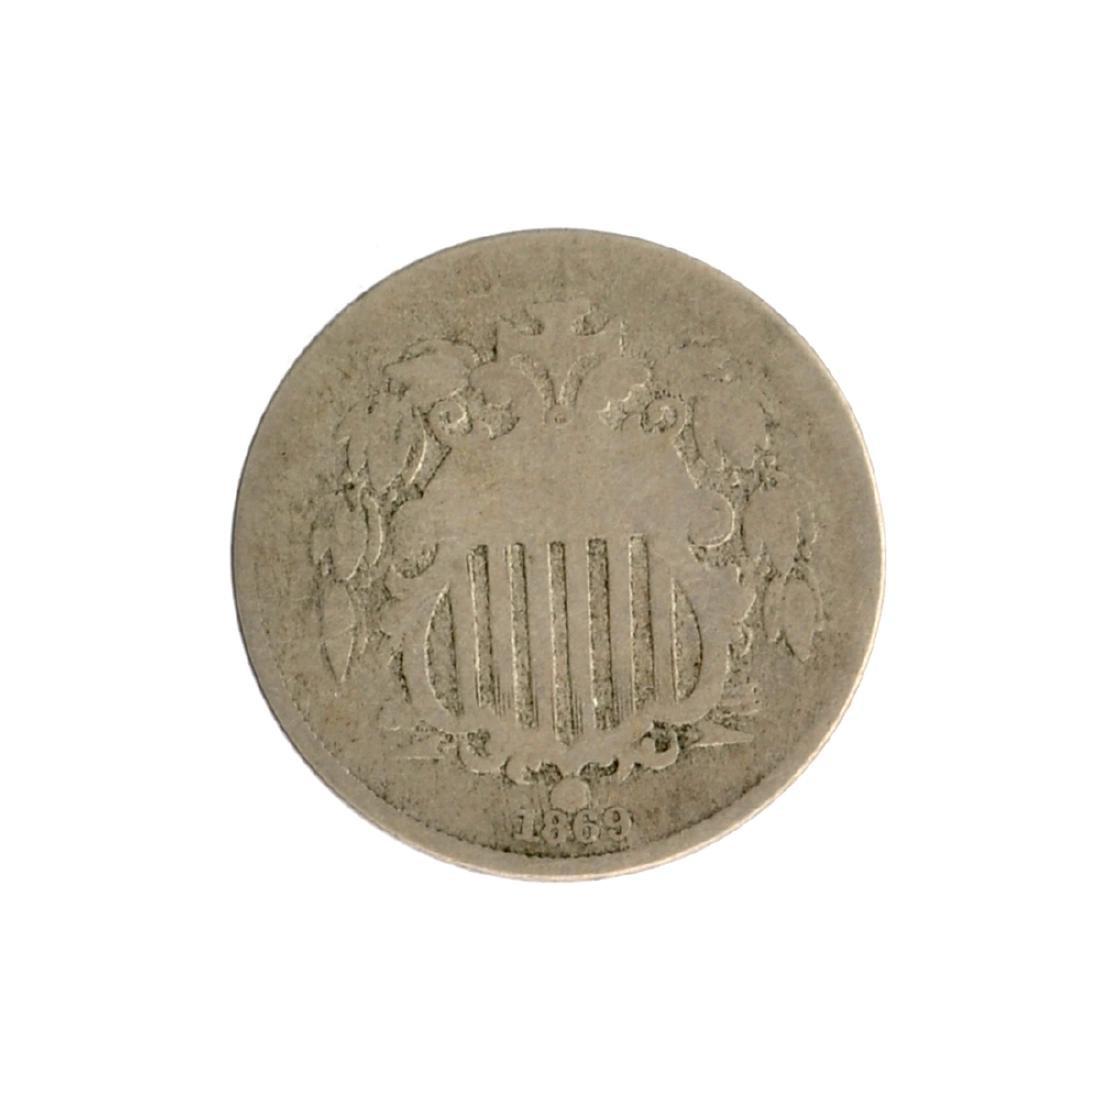 1869 Shield Nickel Coin